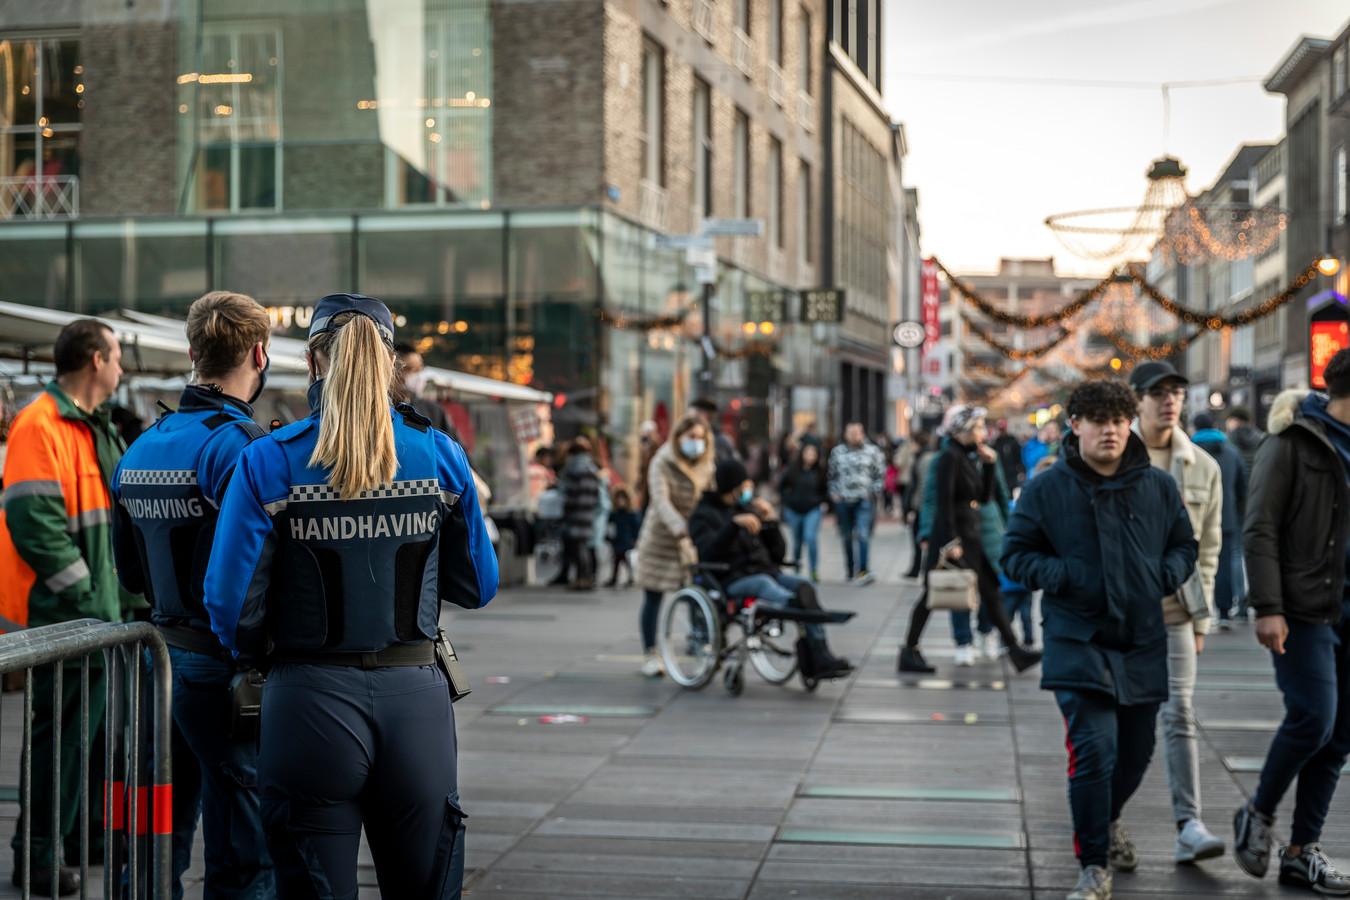 Het centrum van Eindhoven moest zaterdagmiddag om 16.00 uur dicht vanwege de drukte. Er waren veel handhavers en politiemensen op de been.